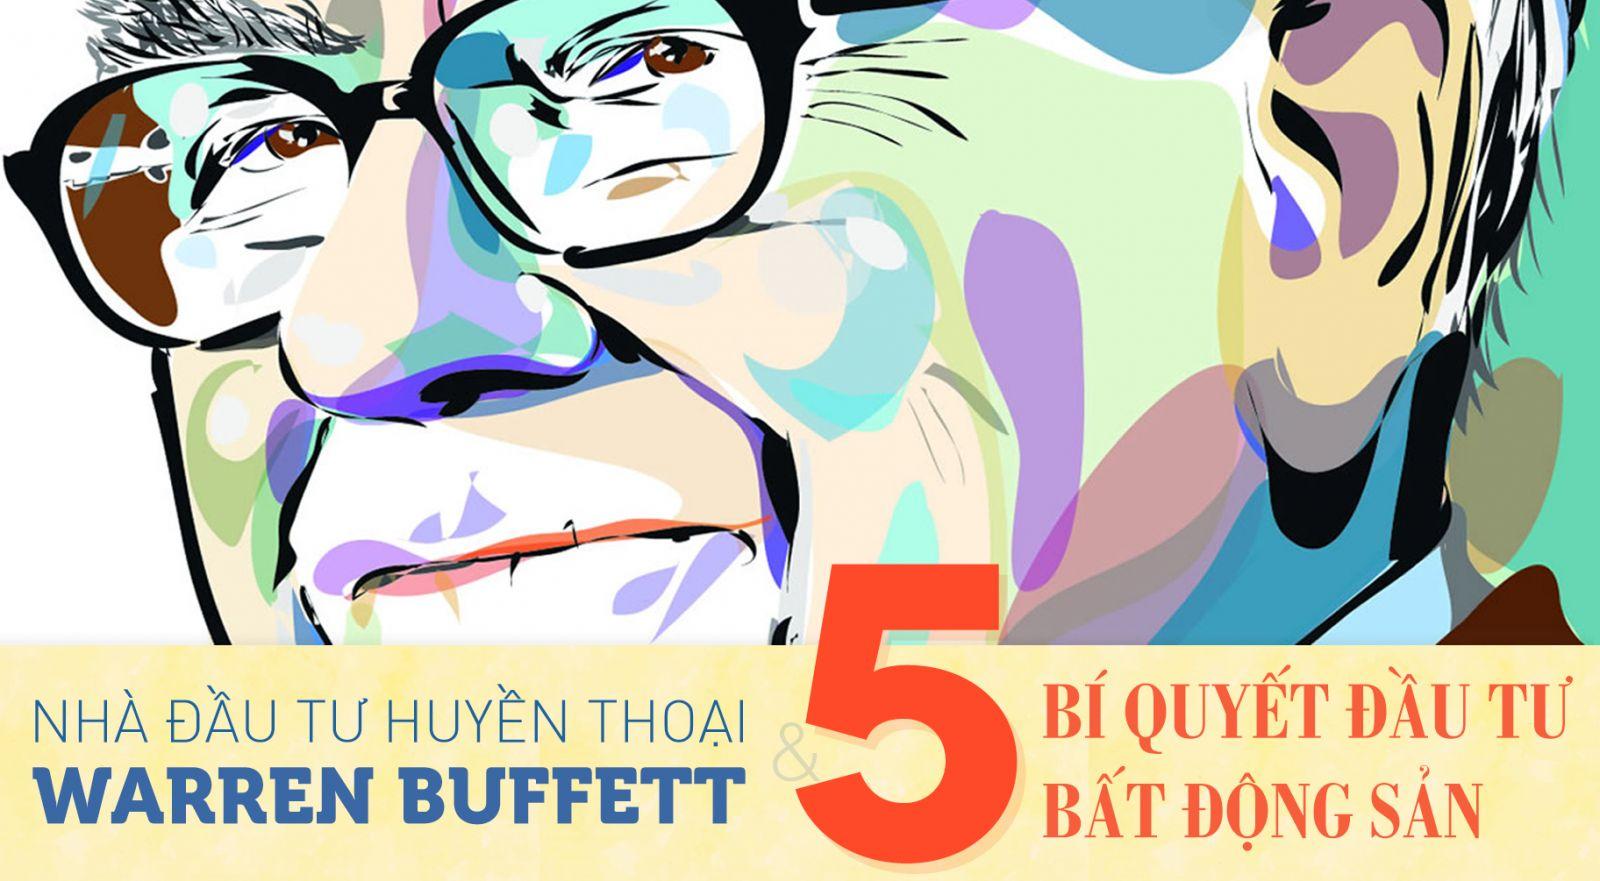 """""""Nhà đầu tư huyền thoại"""" Warren Buffett và 5 bí quyết đầu tư bất động sản"""